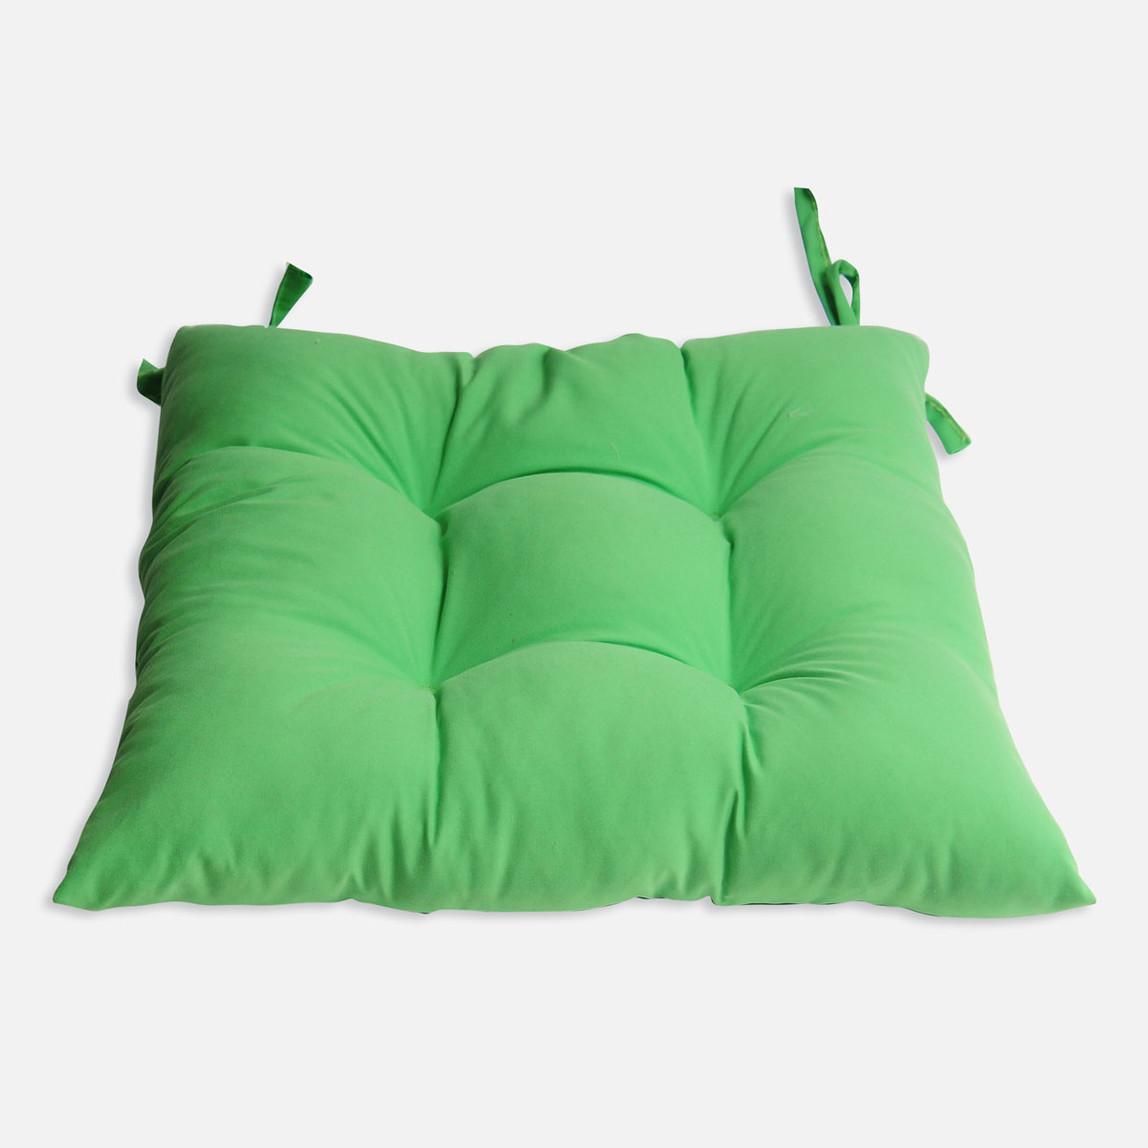 Micro Kare Minder Yeşil